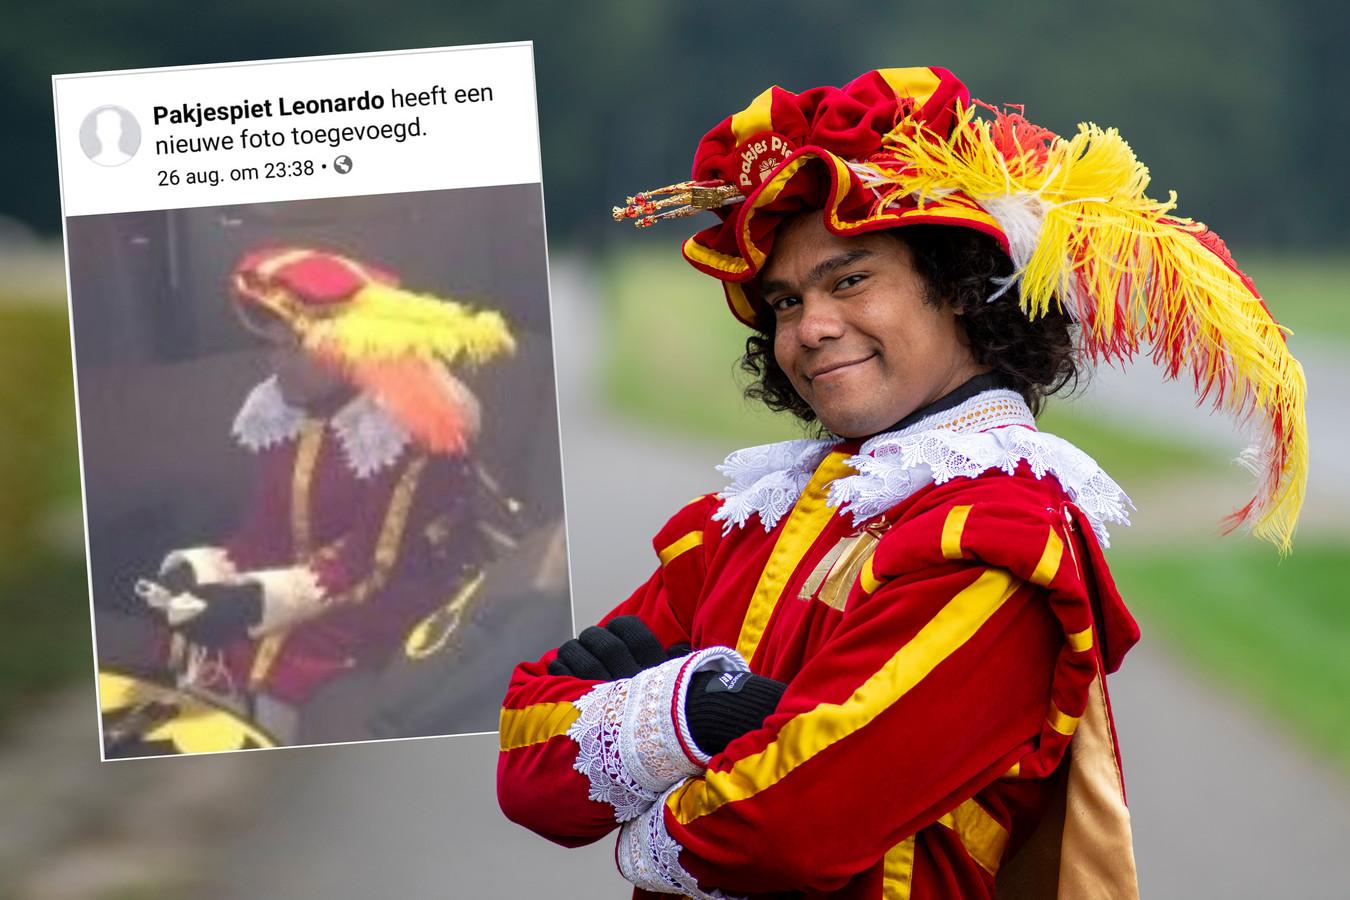 Leonardo speelt rond 5 december voor Zwarte Piet. Zijn foto (zie inzet) werd door Facebook verwijderd.